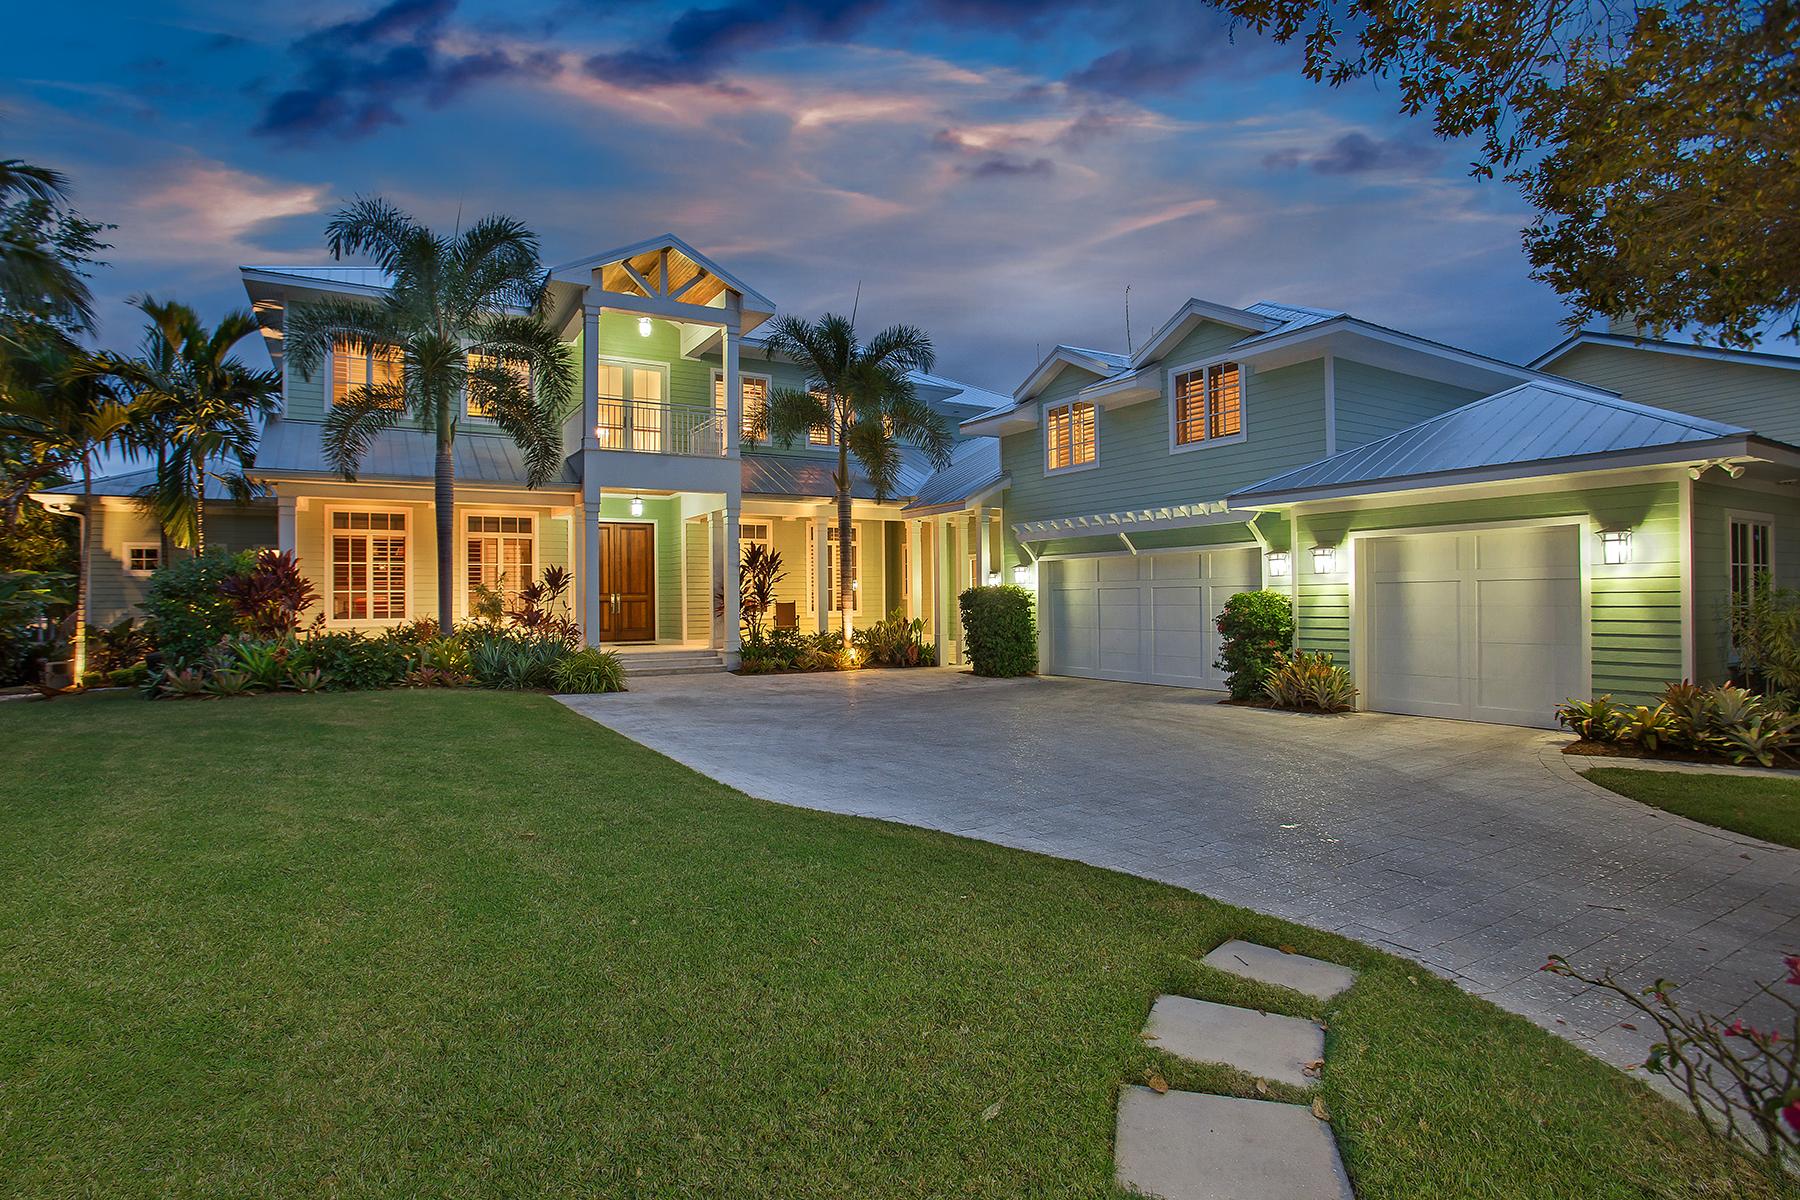 Tek Ailelik Ev için Satış at CORAL COVE 7462 Cove Terr Sarasota, Florida, 34231 Amerika Birleşik Devletleri